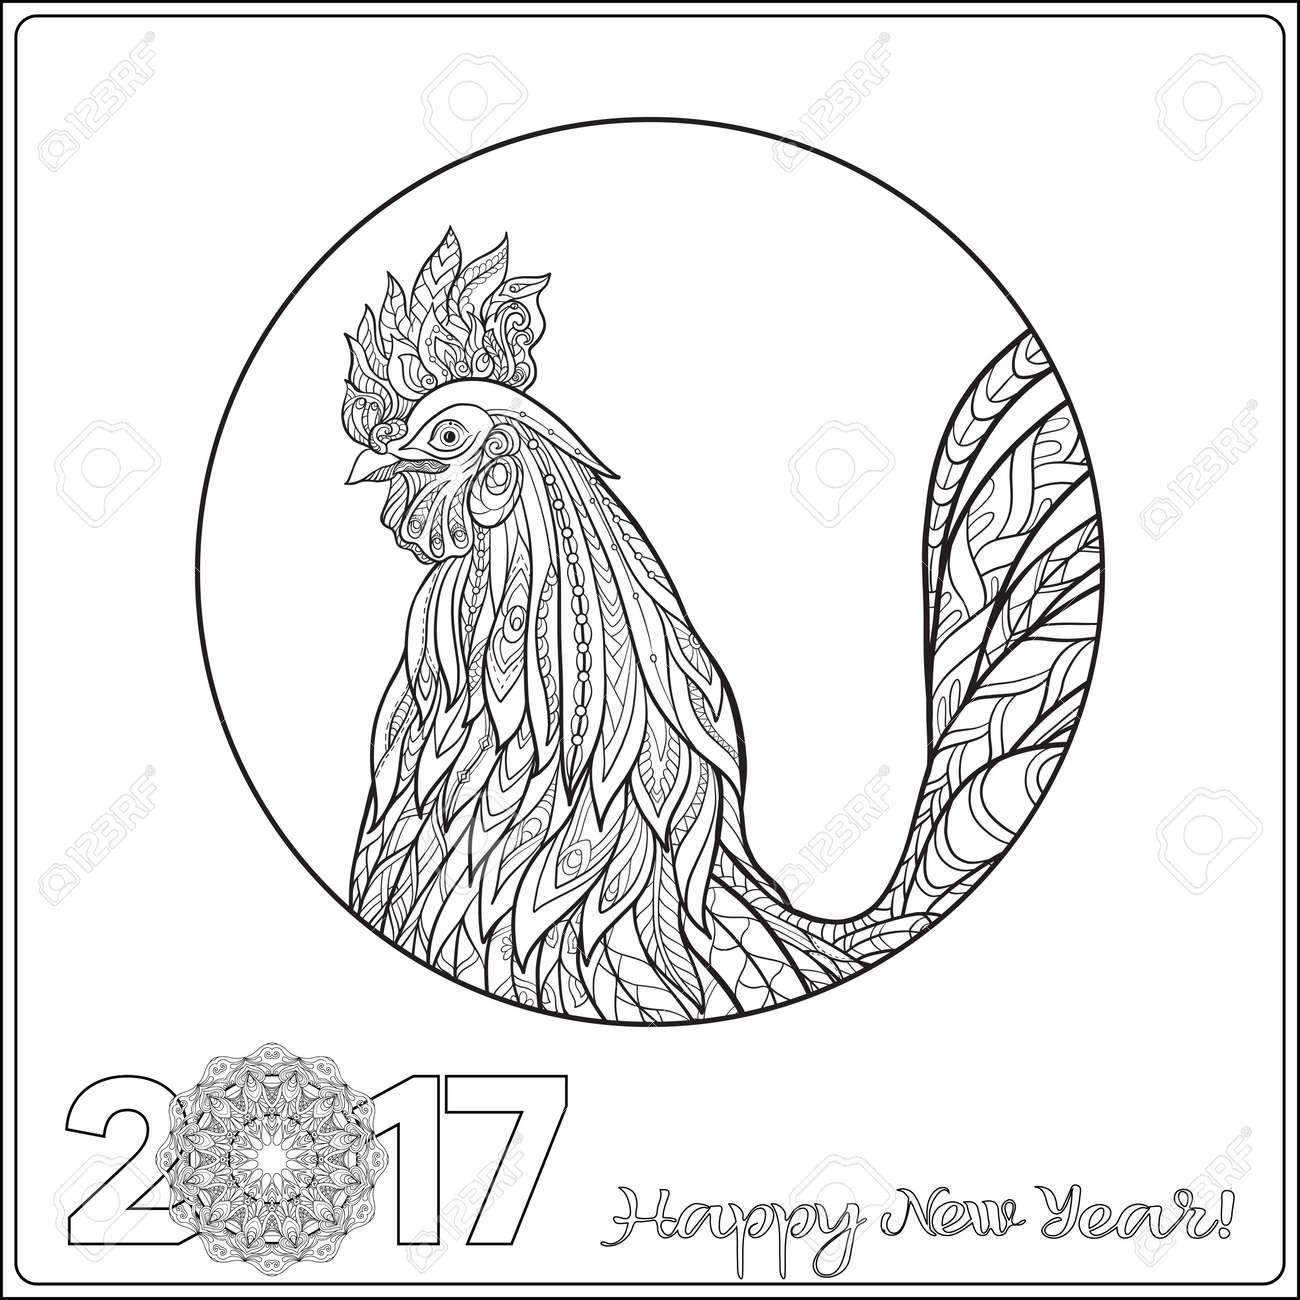 Vistoso Año Nuevo Chino Para Colorear 2014 Componente - Dibujos Para ...